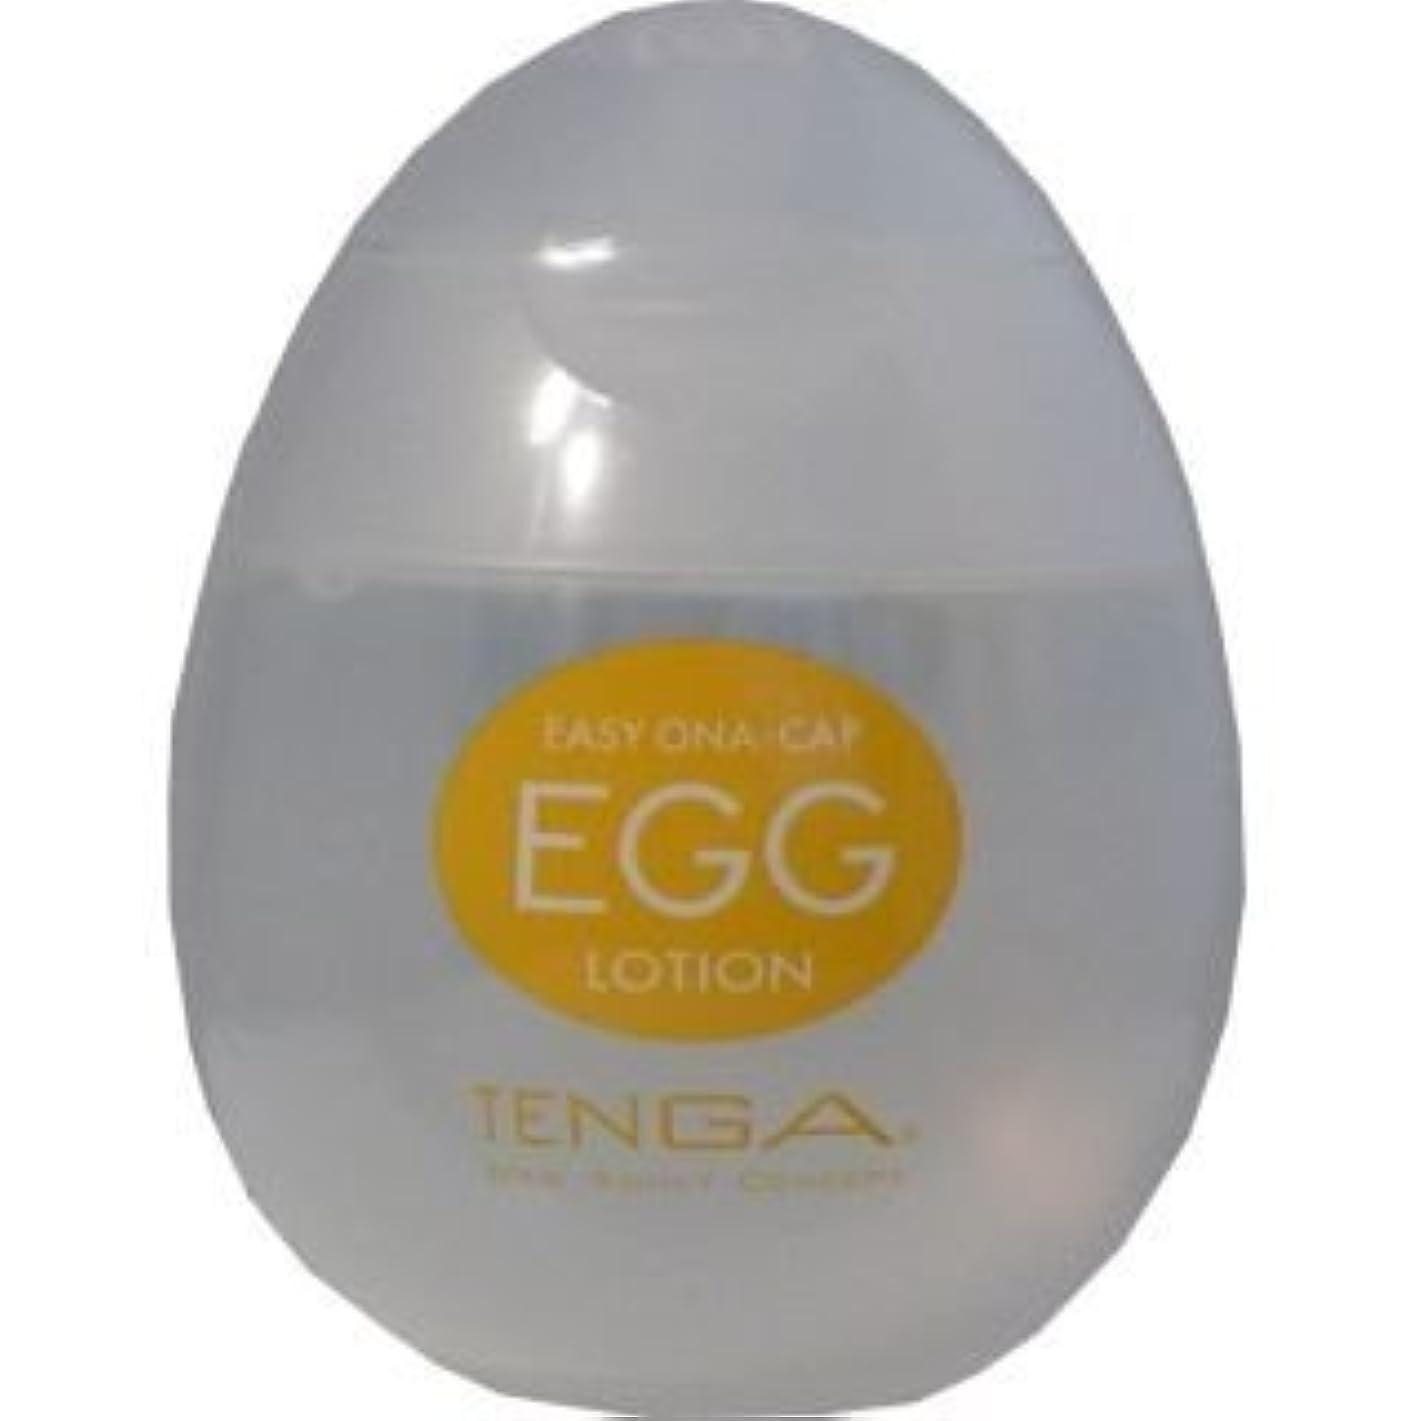 滅多傑作宝石保湿成分配合で潤い長持ち!TENGA(テンガ) EGG LOTION(エッグローション) EGGL-001【4個セット】